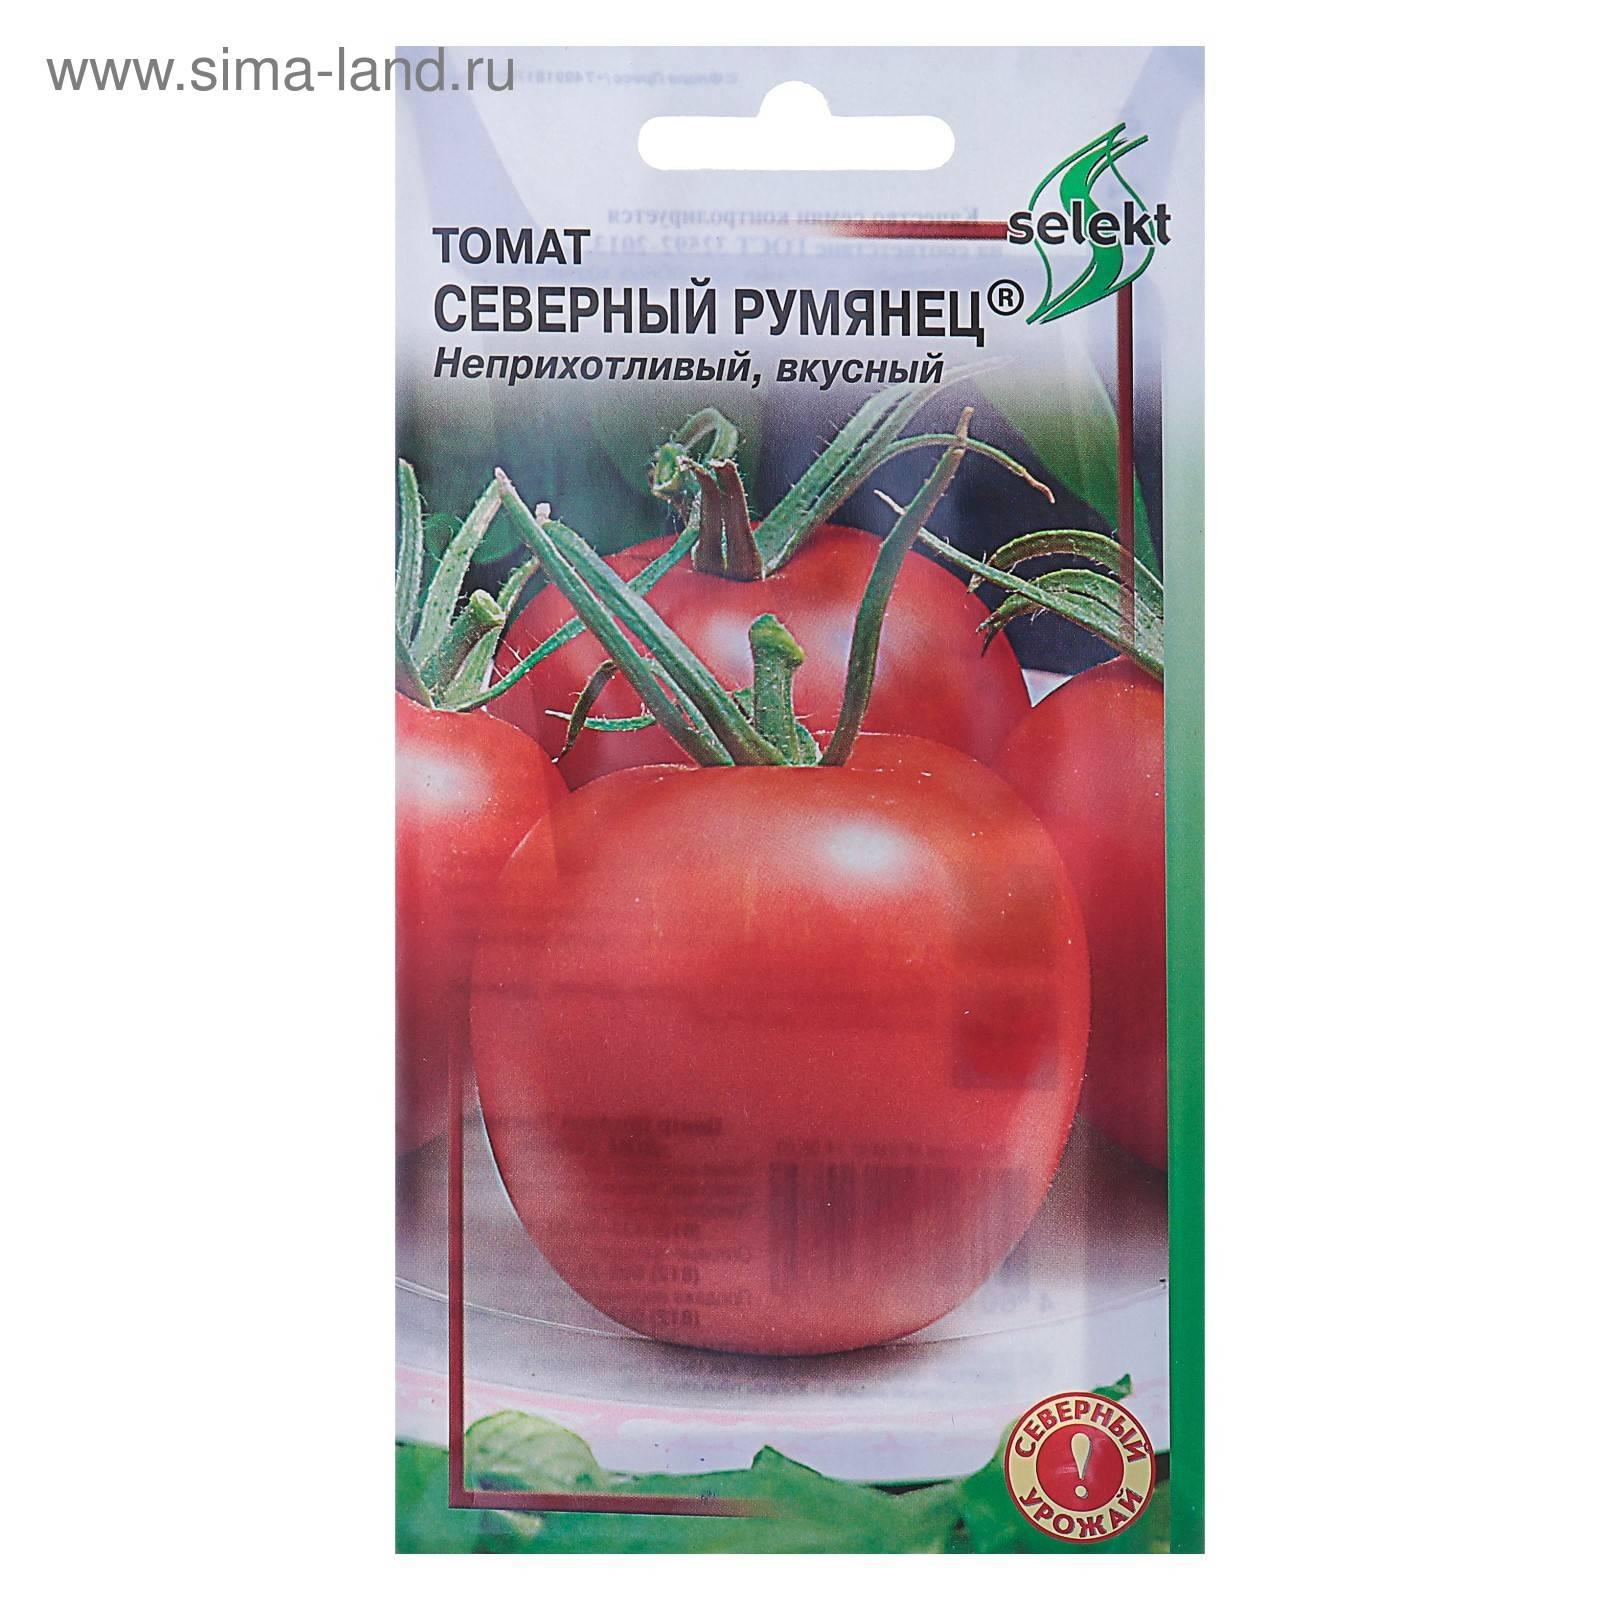 Томат крайний север: описание и характеристика сорта, отзывы, фото, урожайность | tomatland.ru